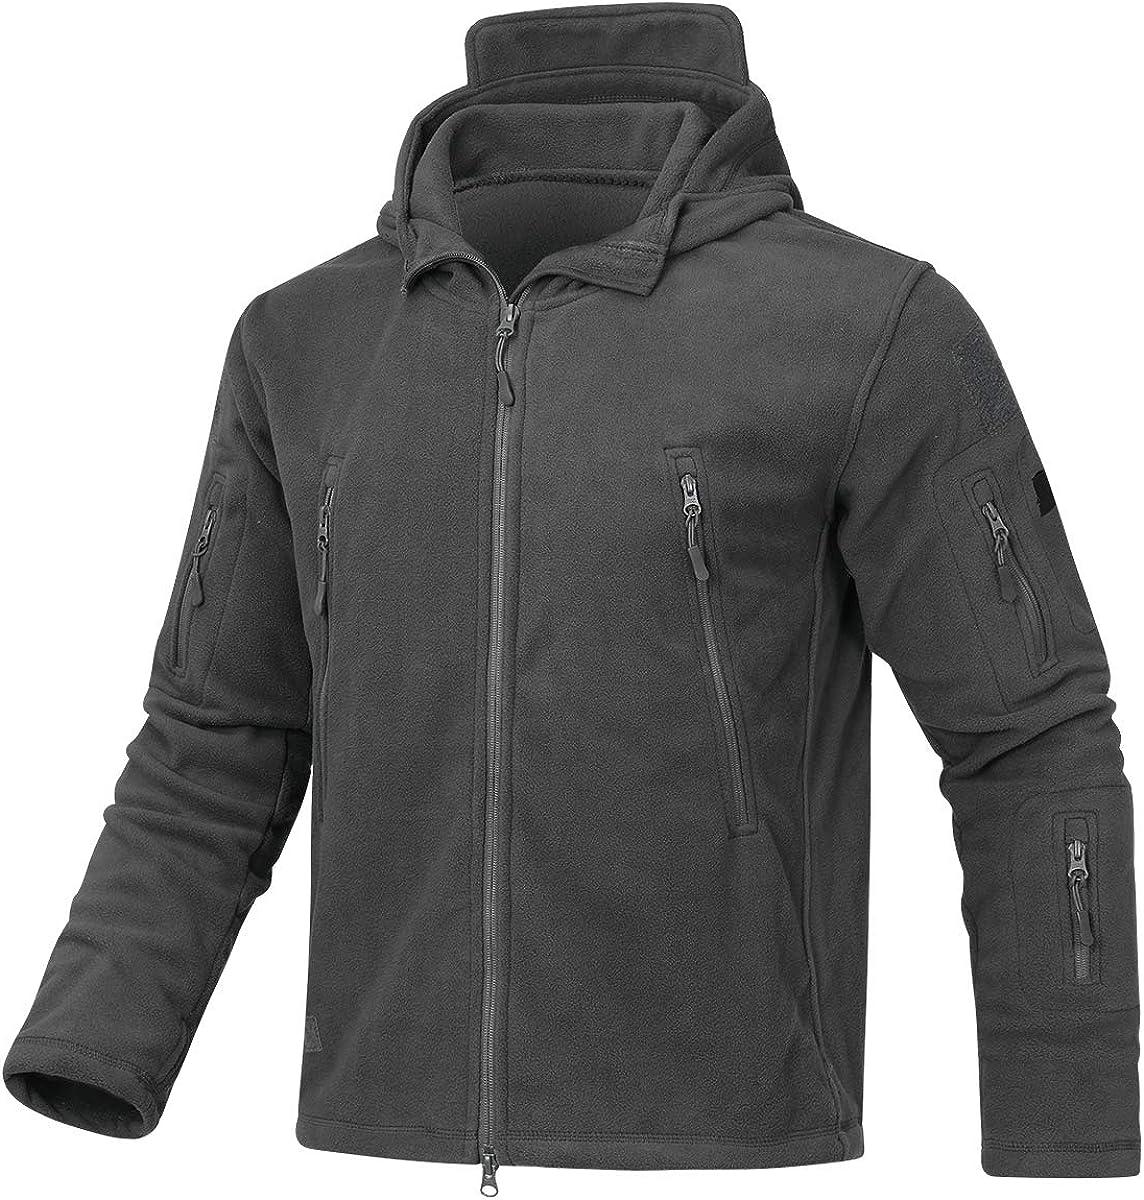 YYNUDA Men's Warm Fleece Hooded Jacket Outdoor Full-Zip Military Tactical Combat Sport Coats